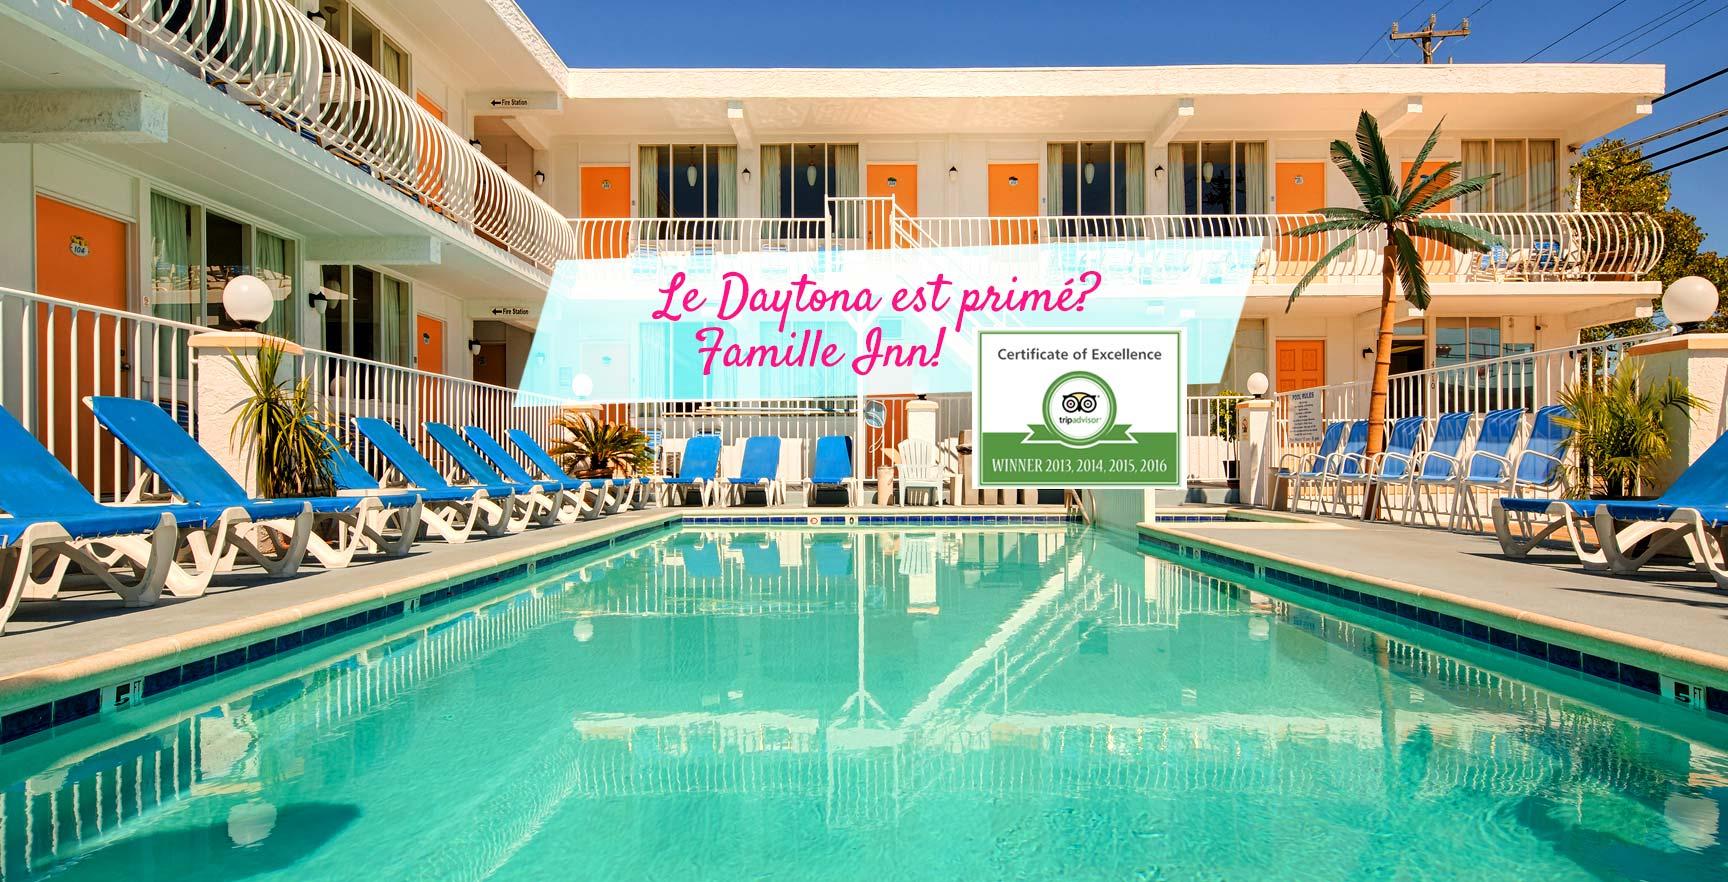 Daytona-Pool-French-Slider2